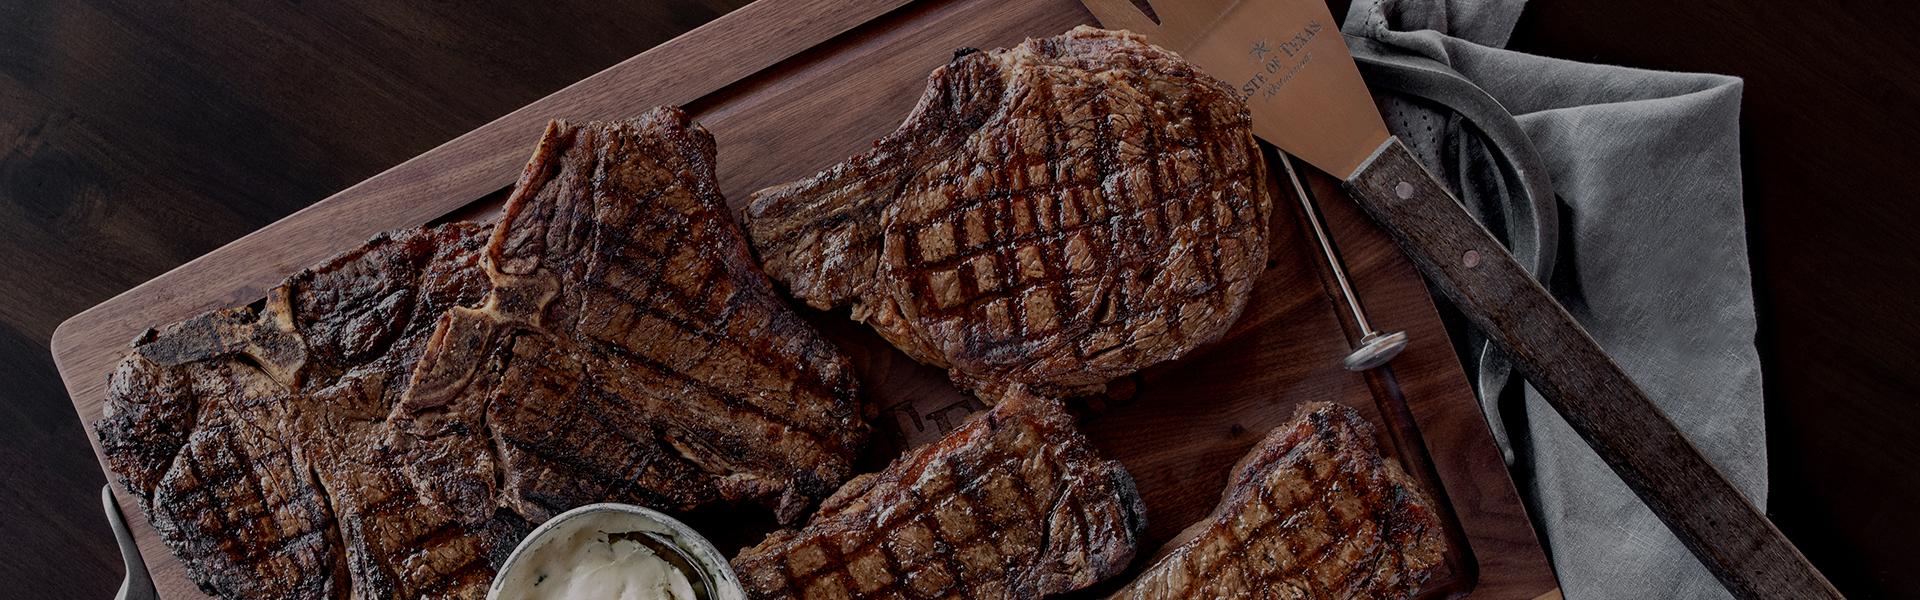 Gourmet Steaks